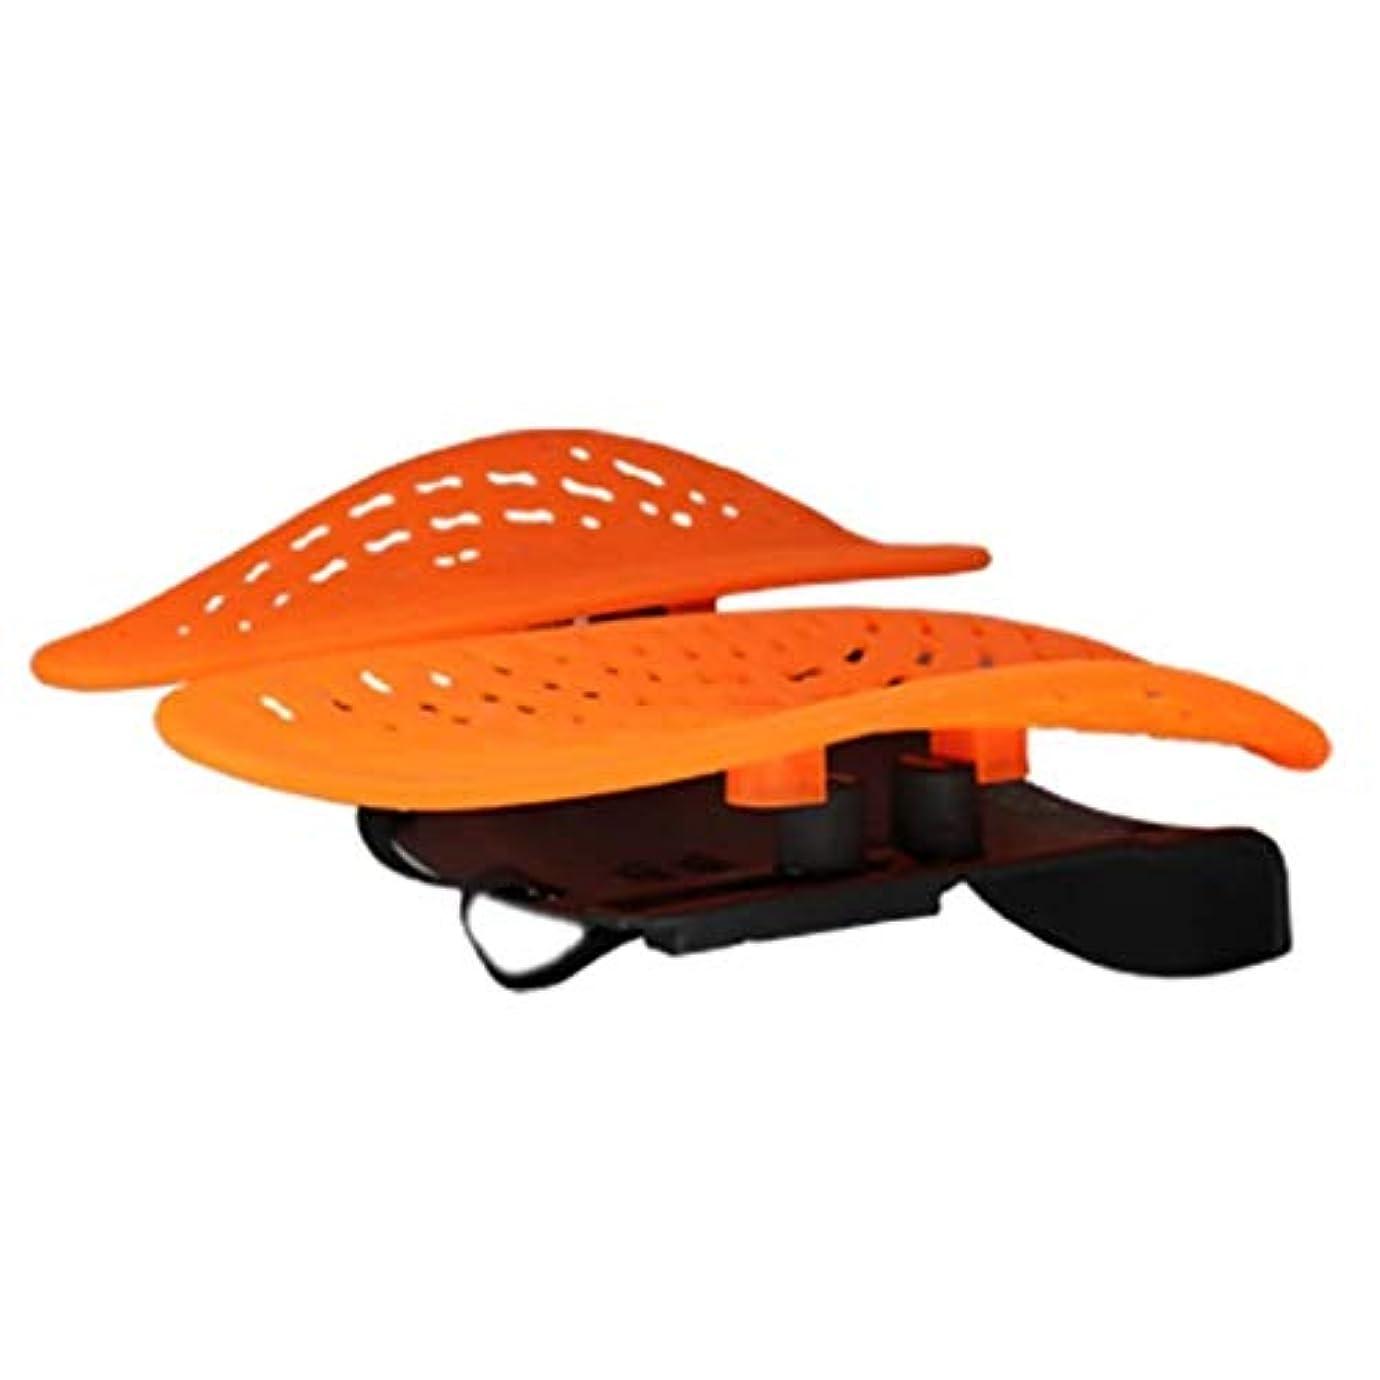 不名誉な意志に反するそしてウエストマッサージャー、腰椎サポートパッド、アイスシルクバックサポートパッド、ホーム/オフィスチェアや車に適し、背中の痛みを和らげる (Color : オレンジ)